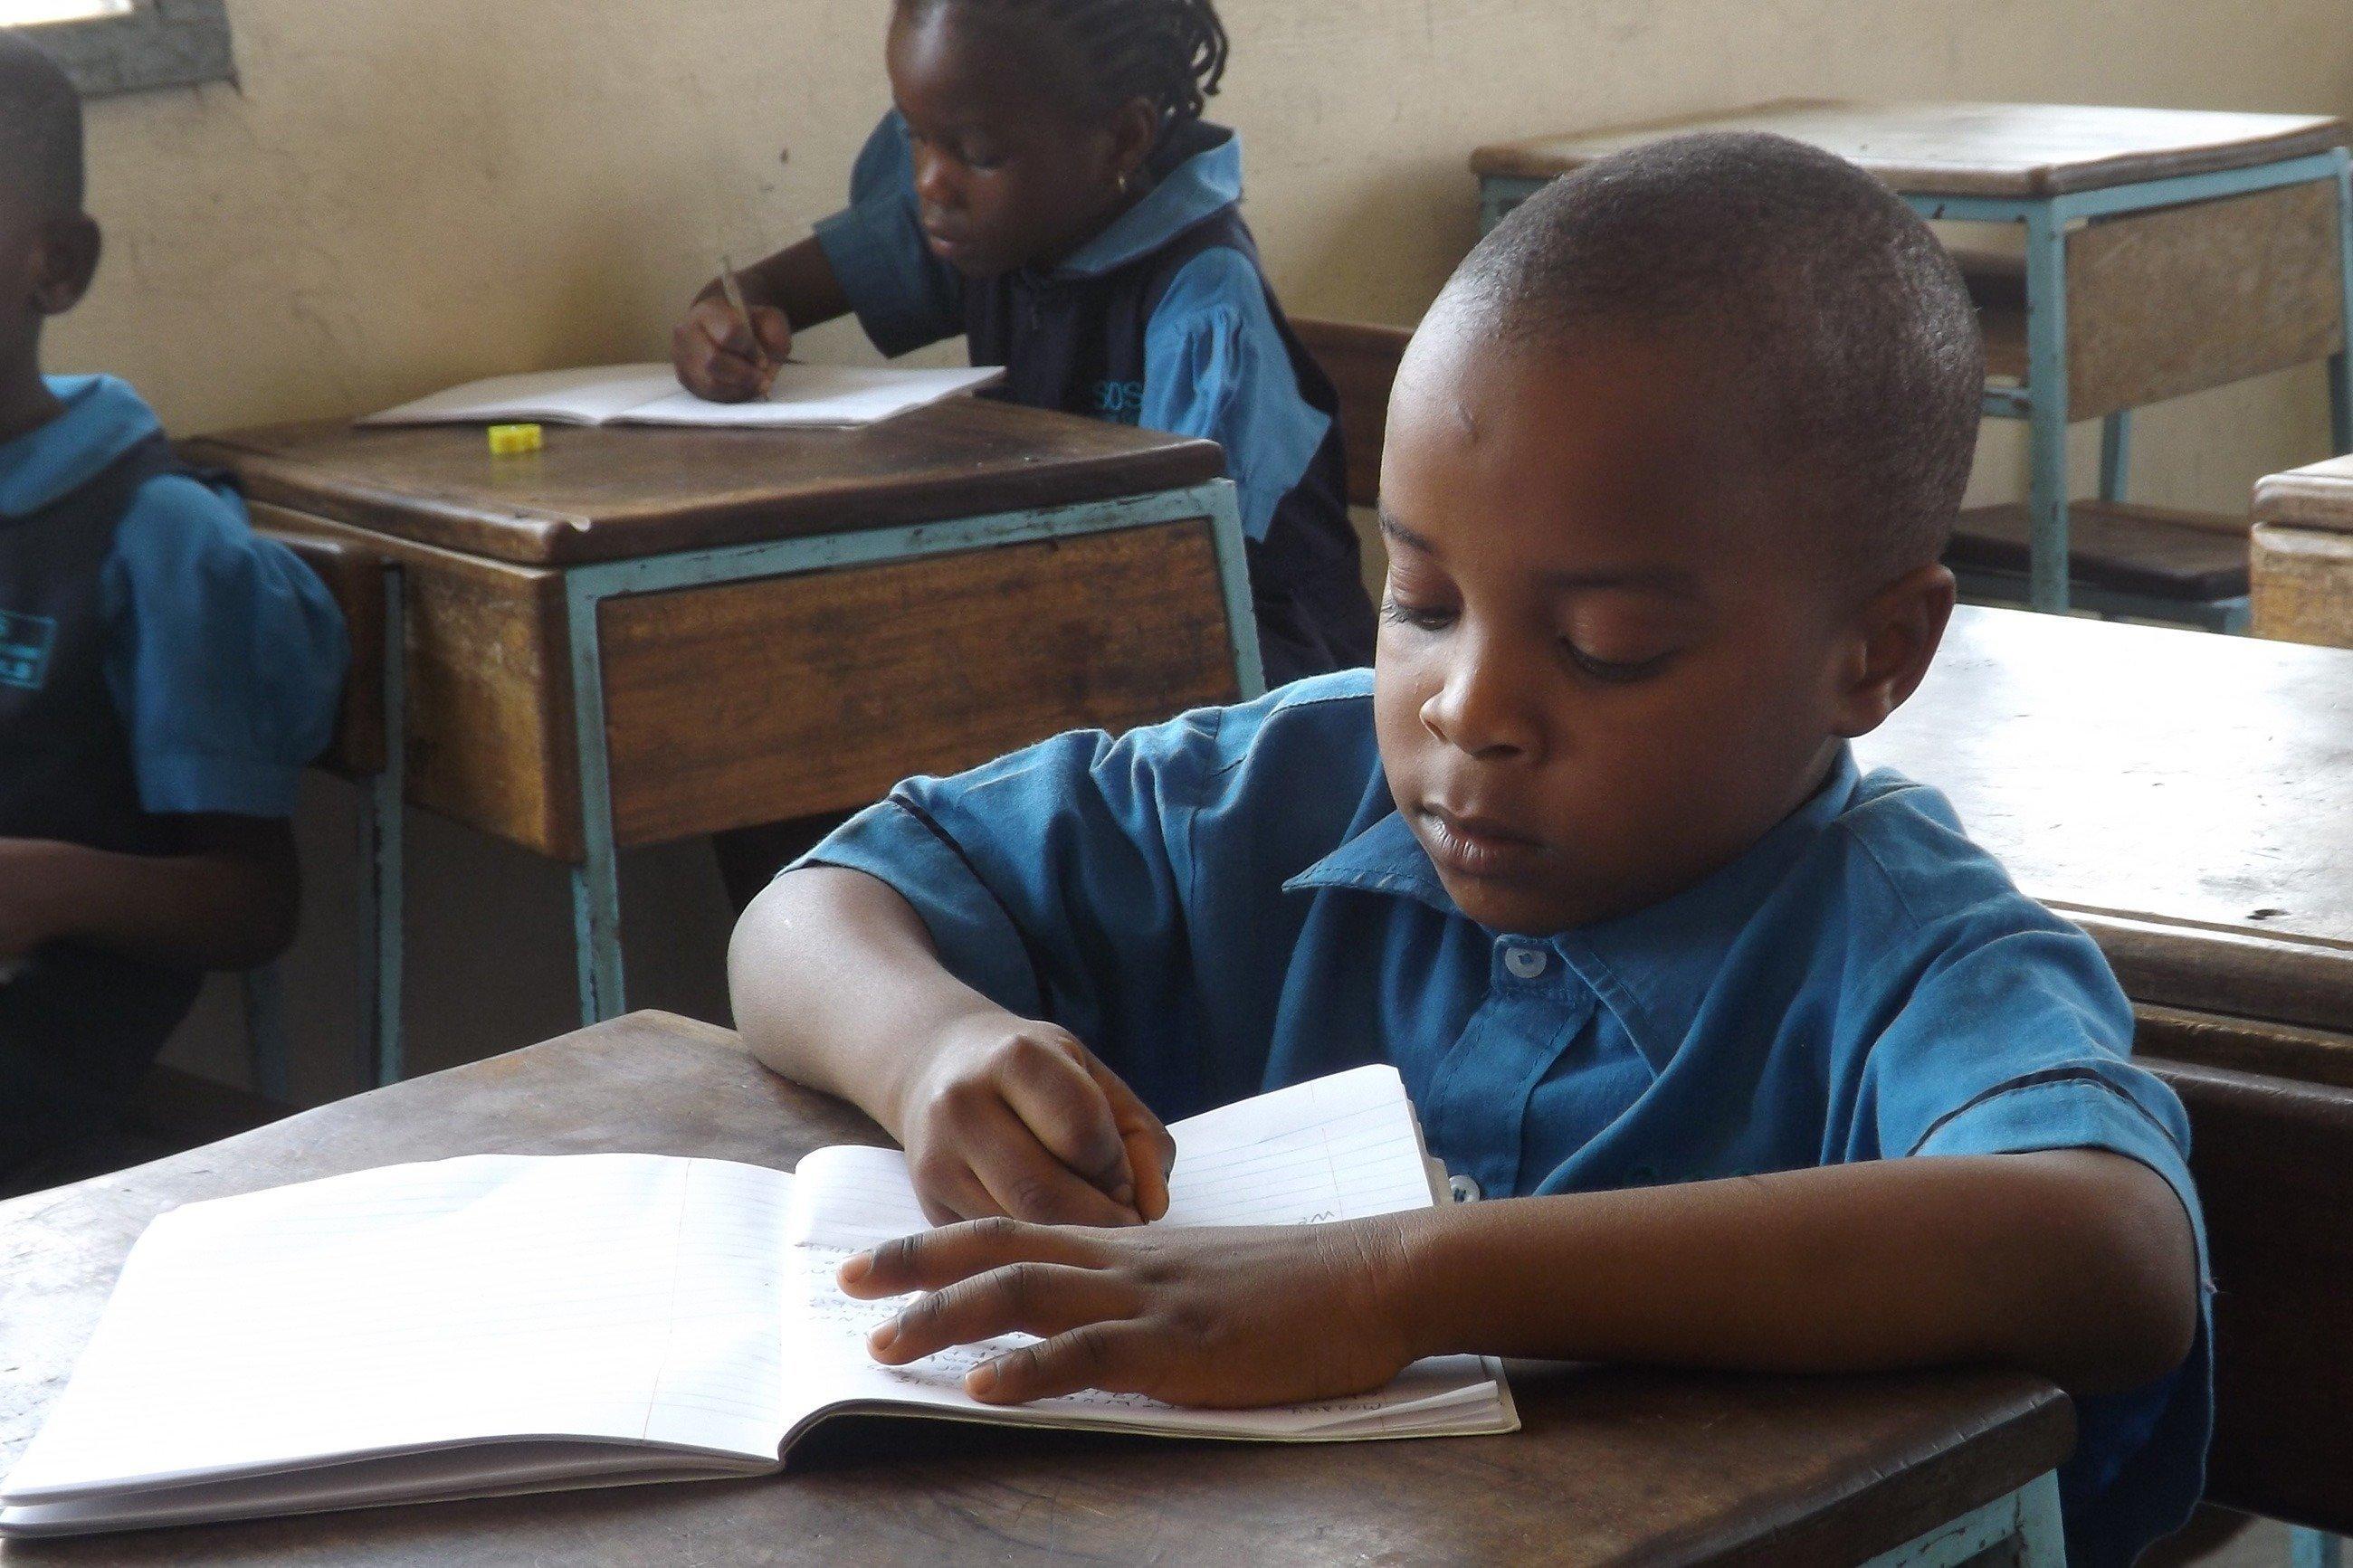 Kleiner Junge schreibt in ein Heft.